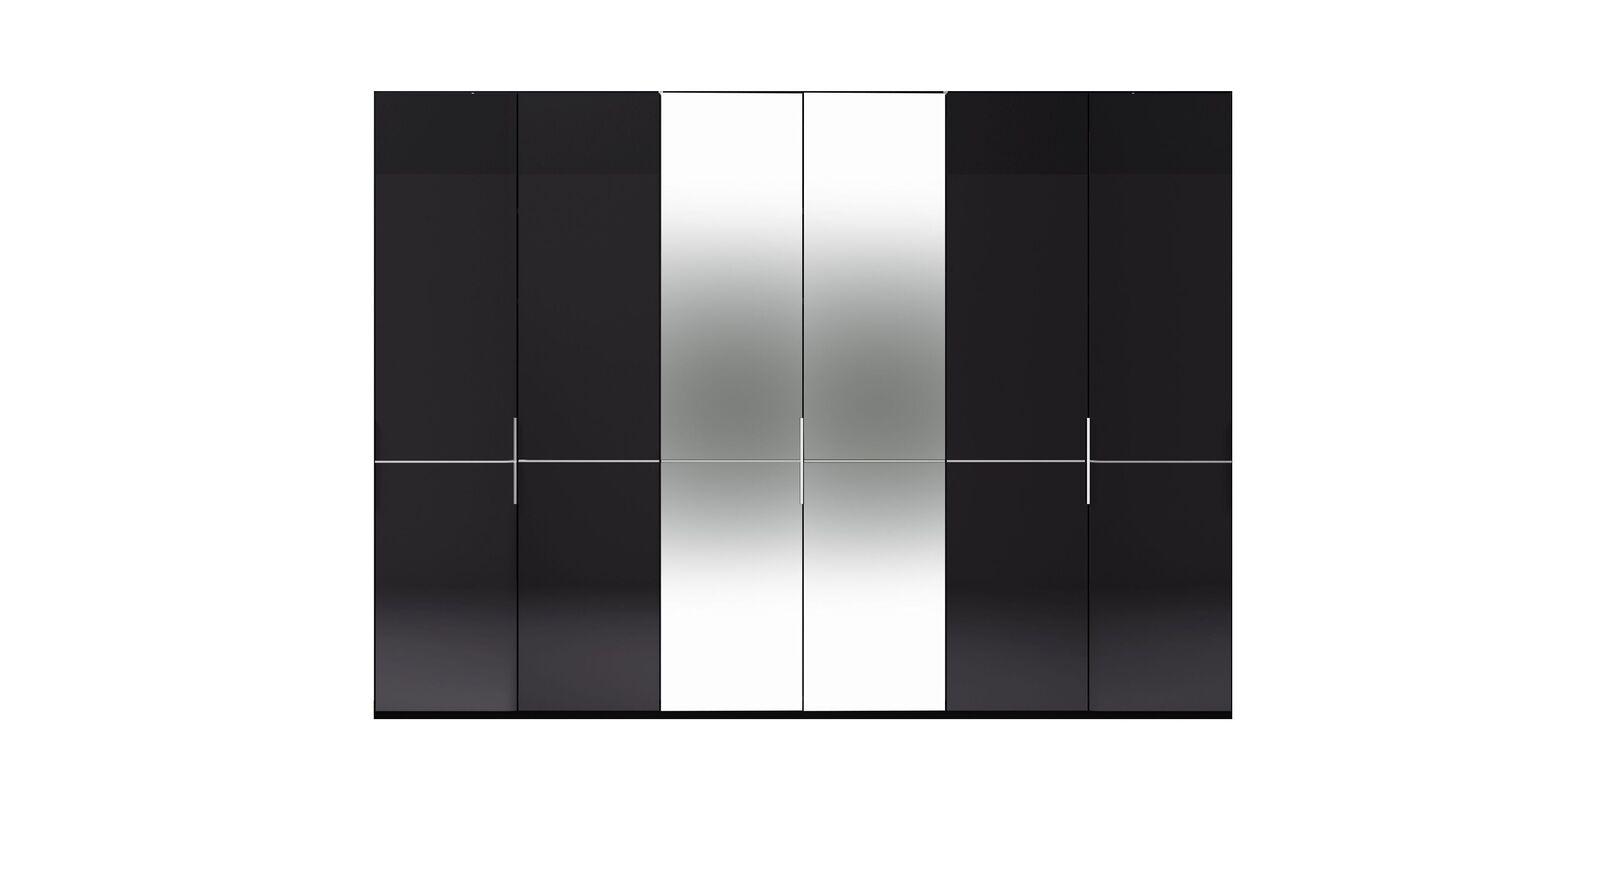 6-türiger GALLERY M Spiegel-Drehtüren-Kleiderschrank IMOLA W Graphit ohne Spiegel